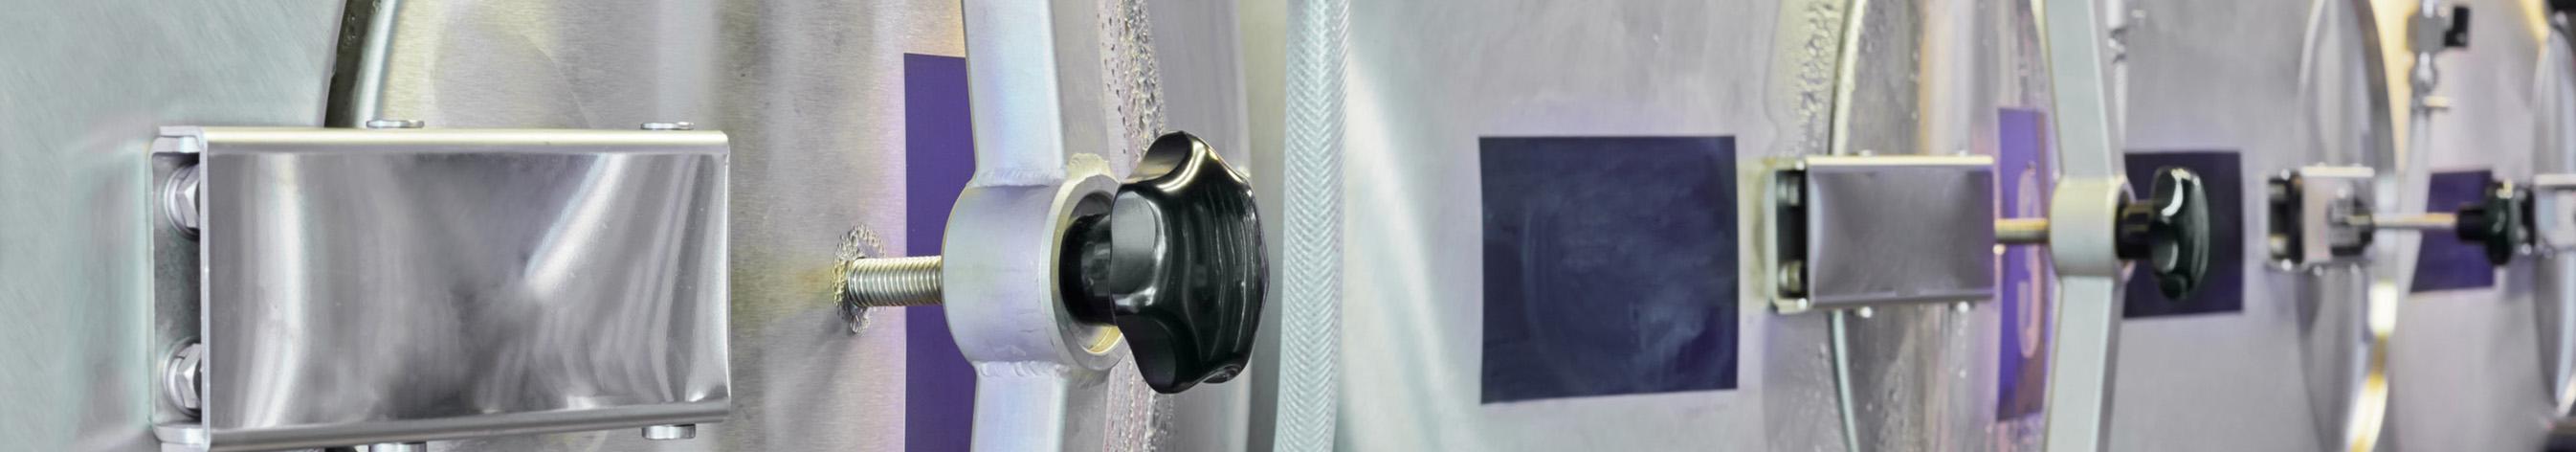 Датчики давления и уровня для пищевой промышленности с заполнением пищевым высокотемпературным маслом с разделителем сред Управление насосами Управление компрессорами Гомогенизаторы Дозирующие установки CIP-мойки Технологическое оборудование